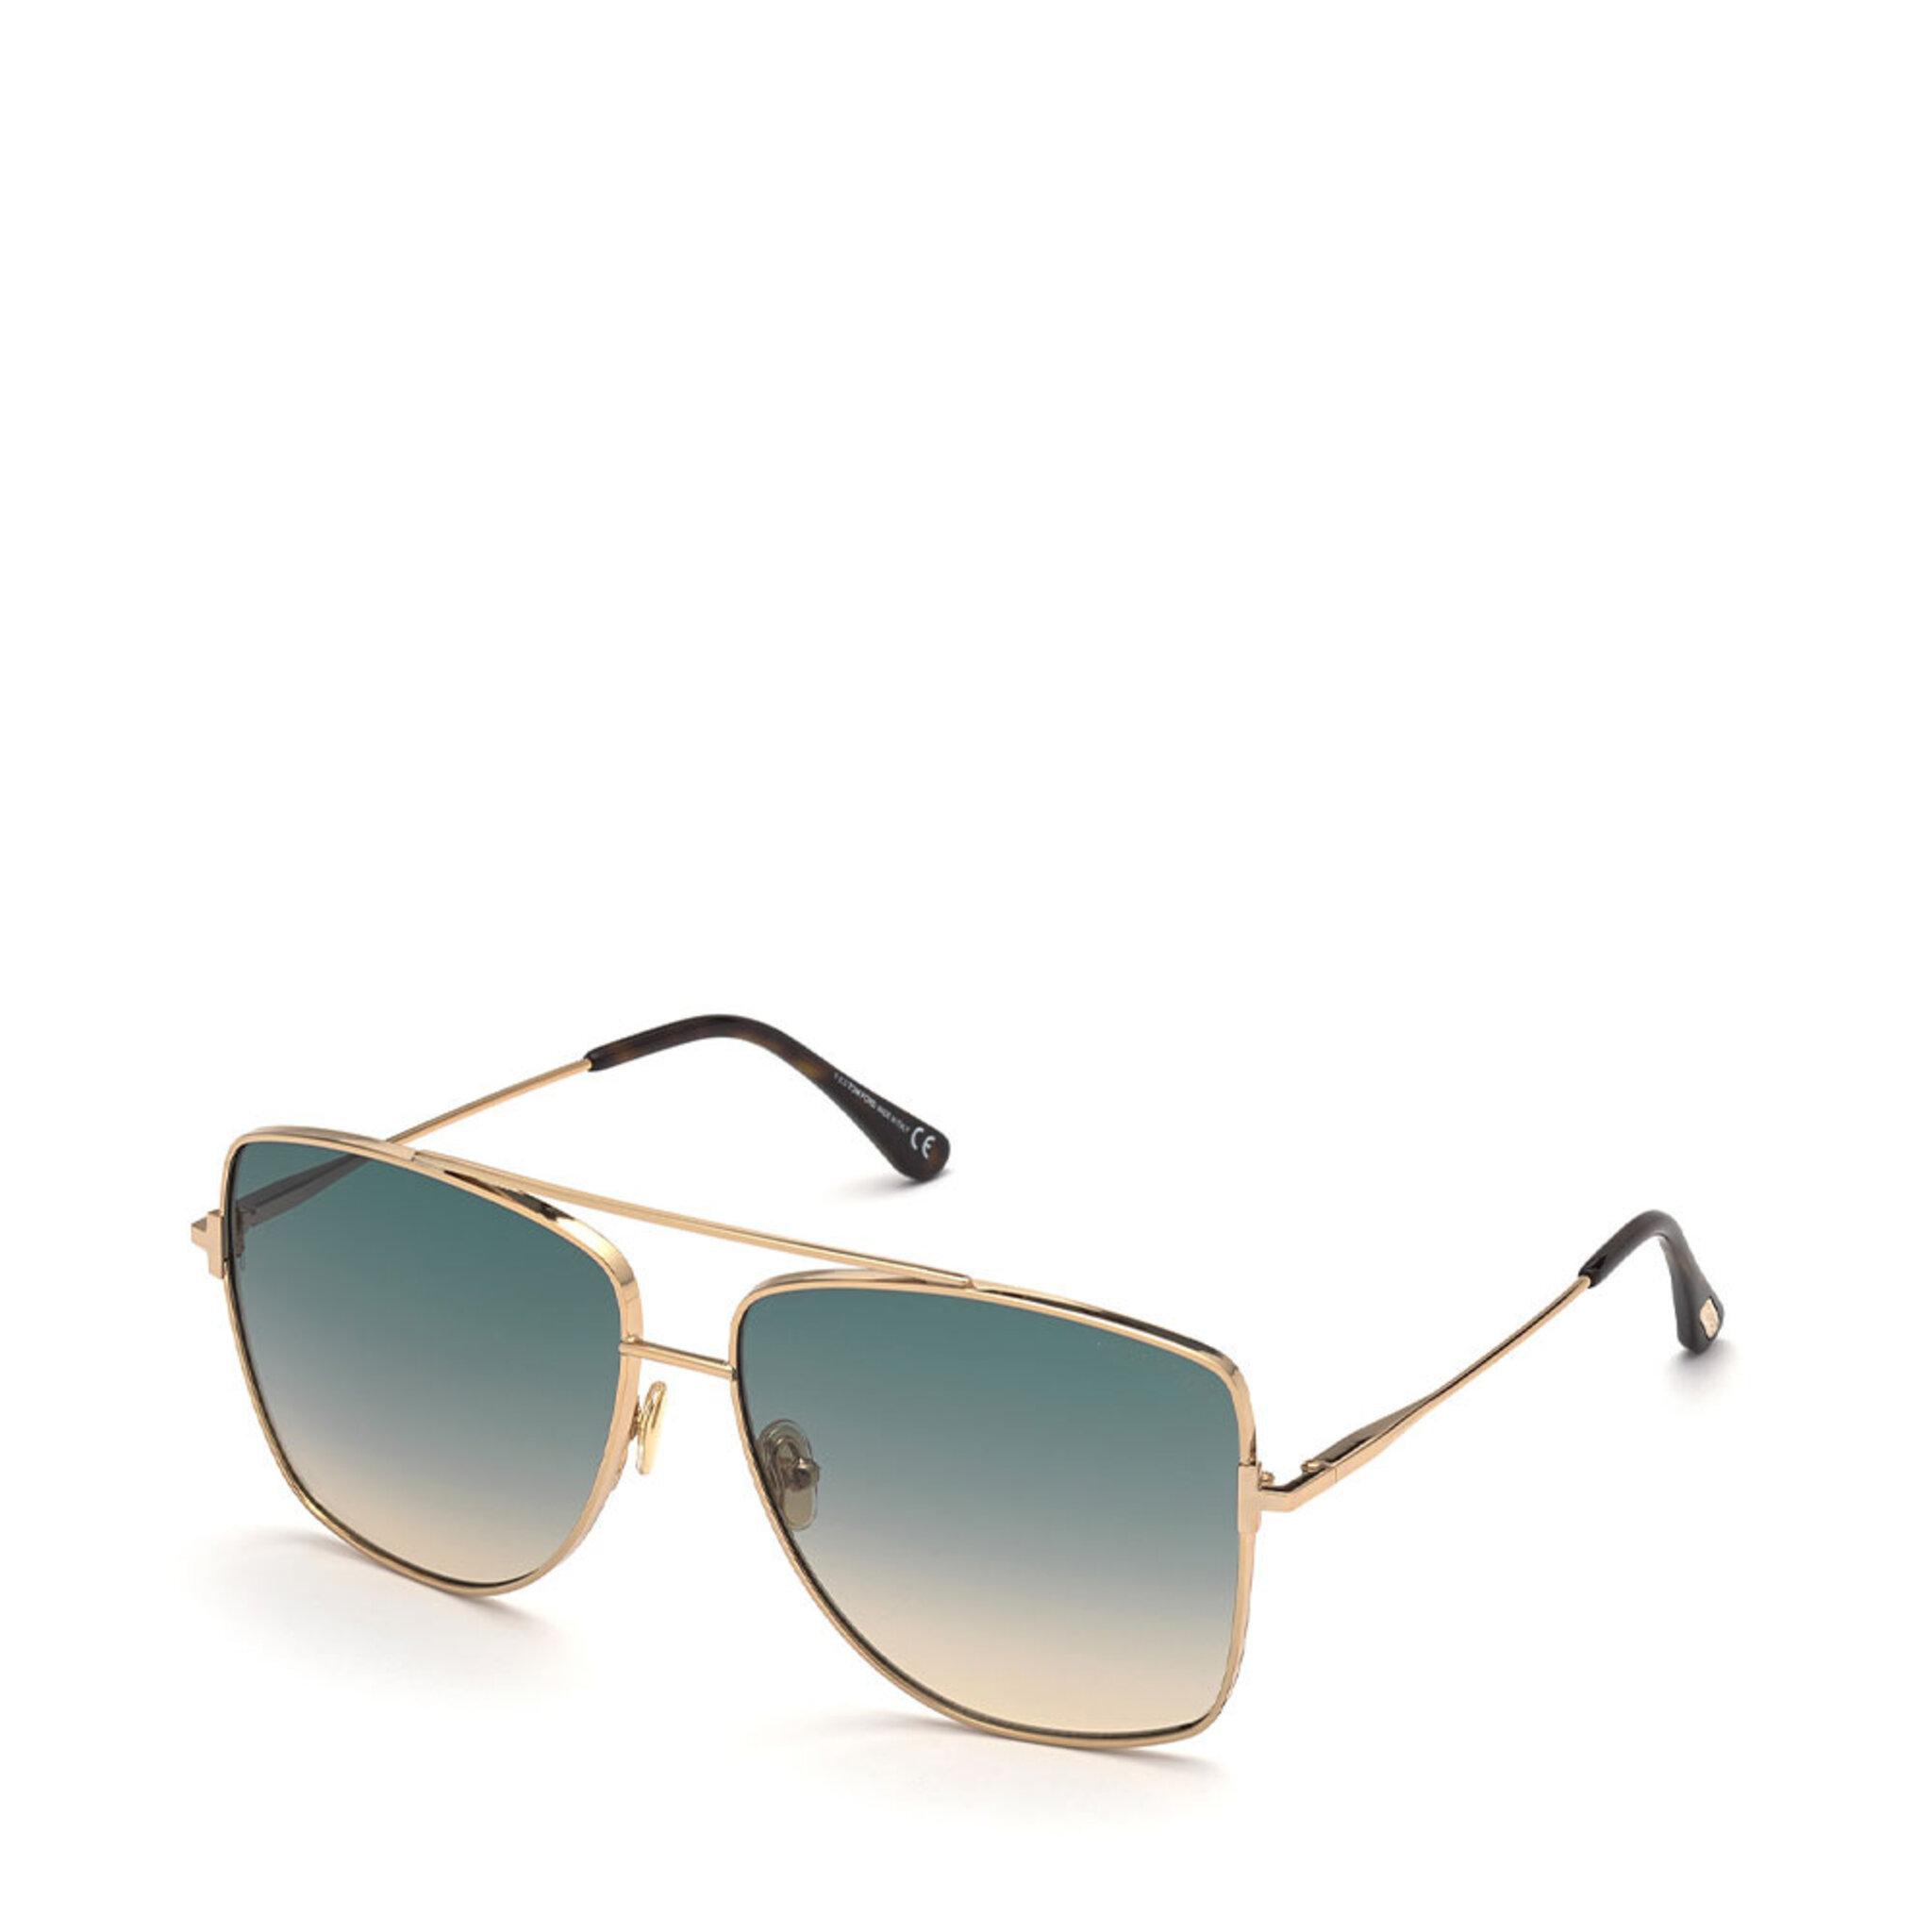 Sunglasses FT0838 Reggie